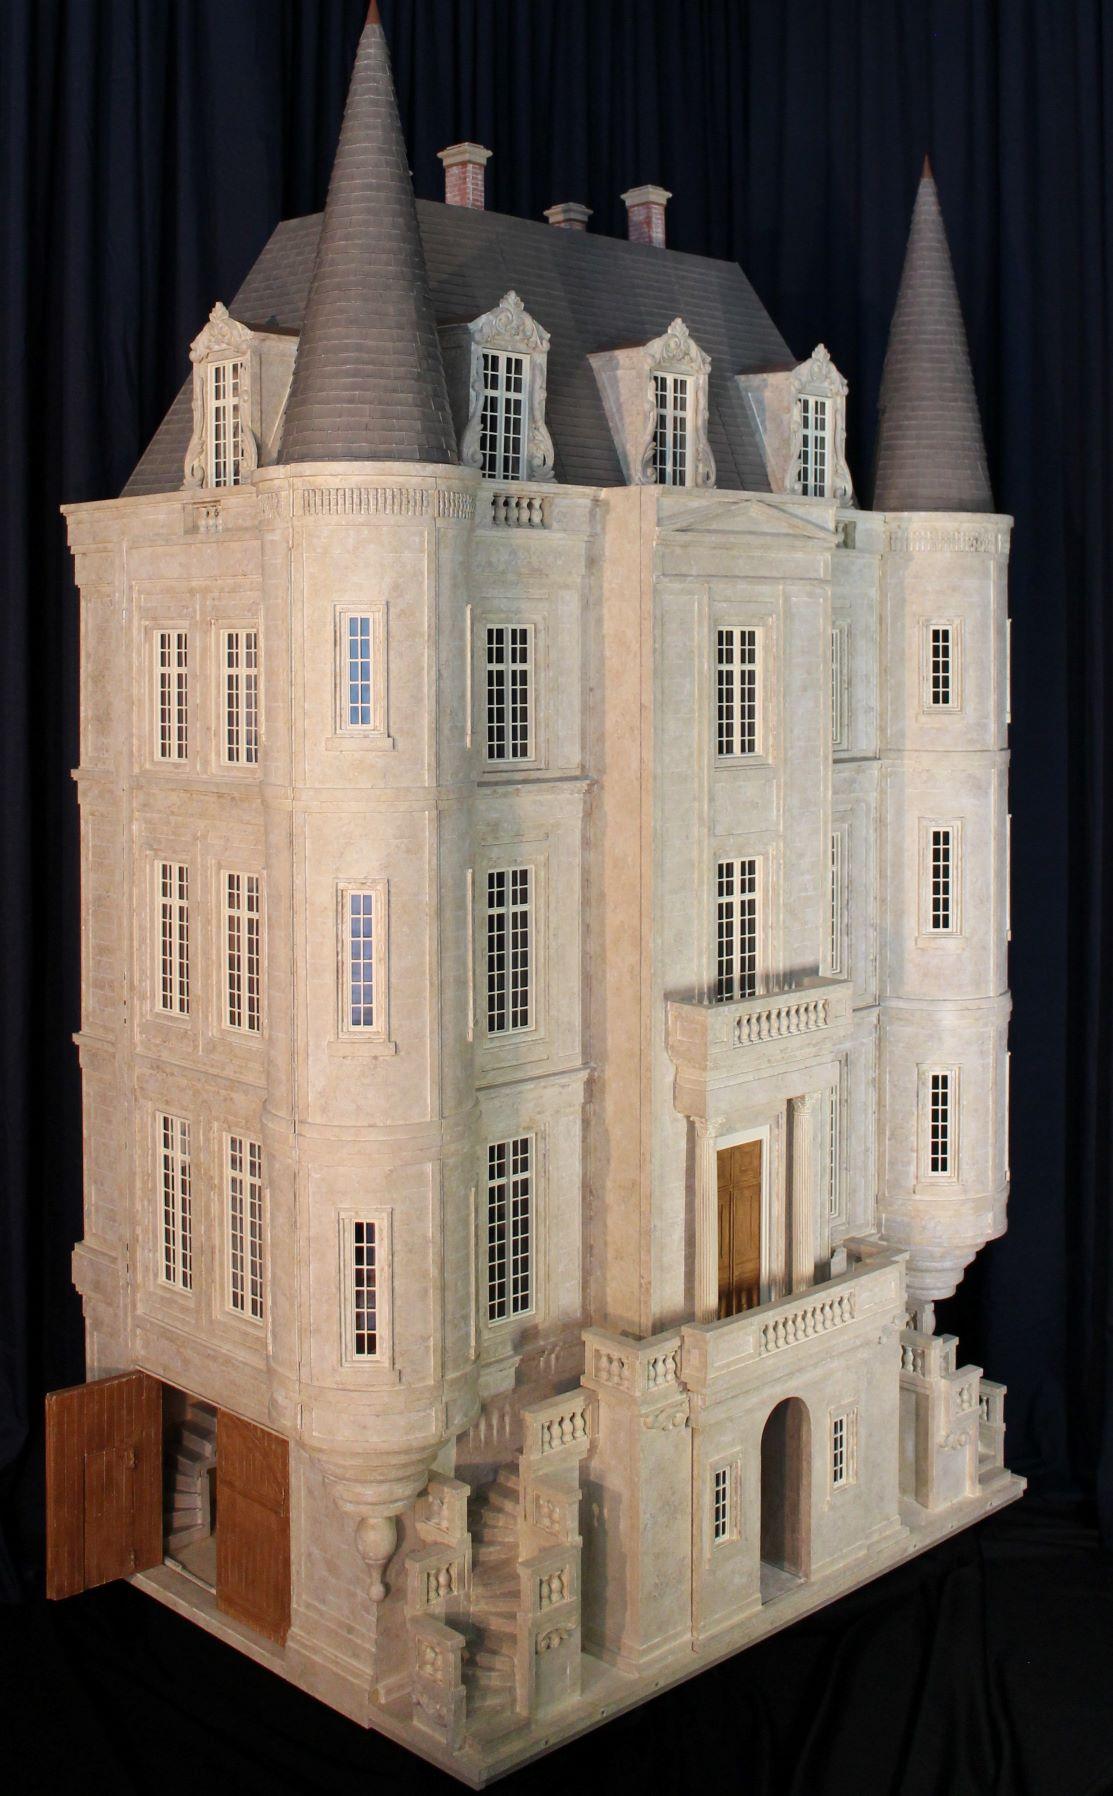 Introducing Le Château de l'Amour